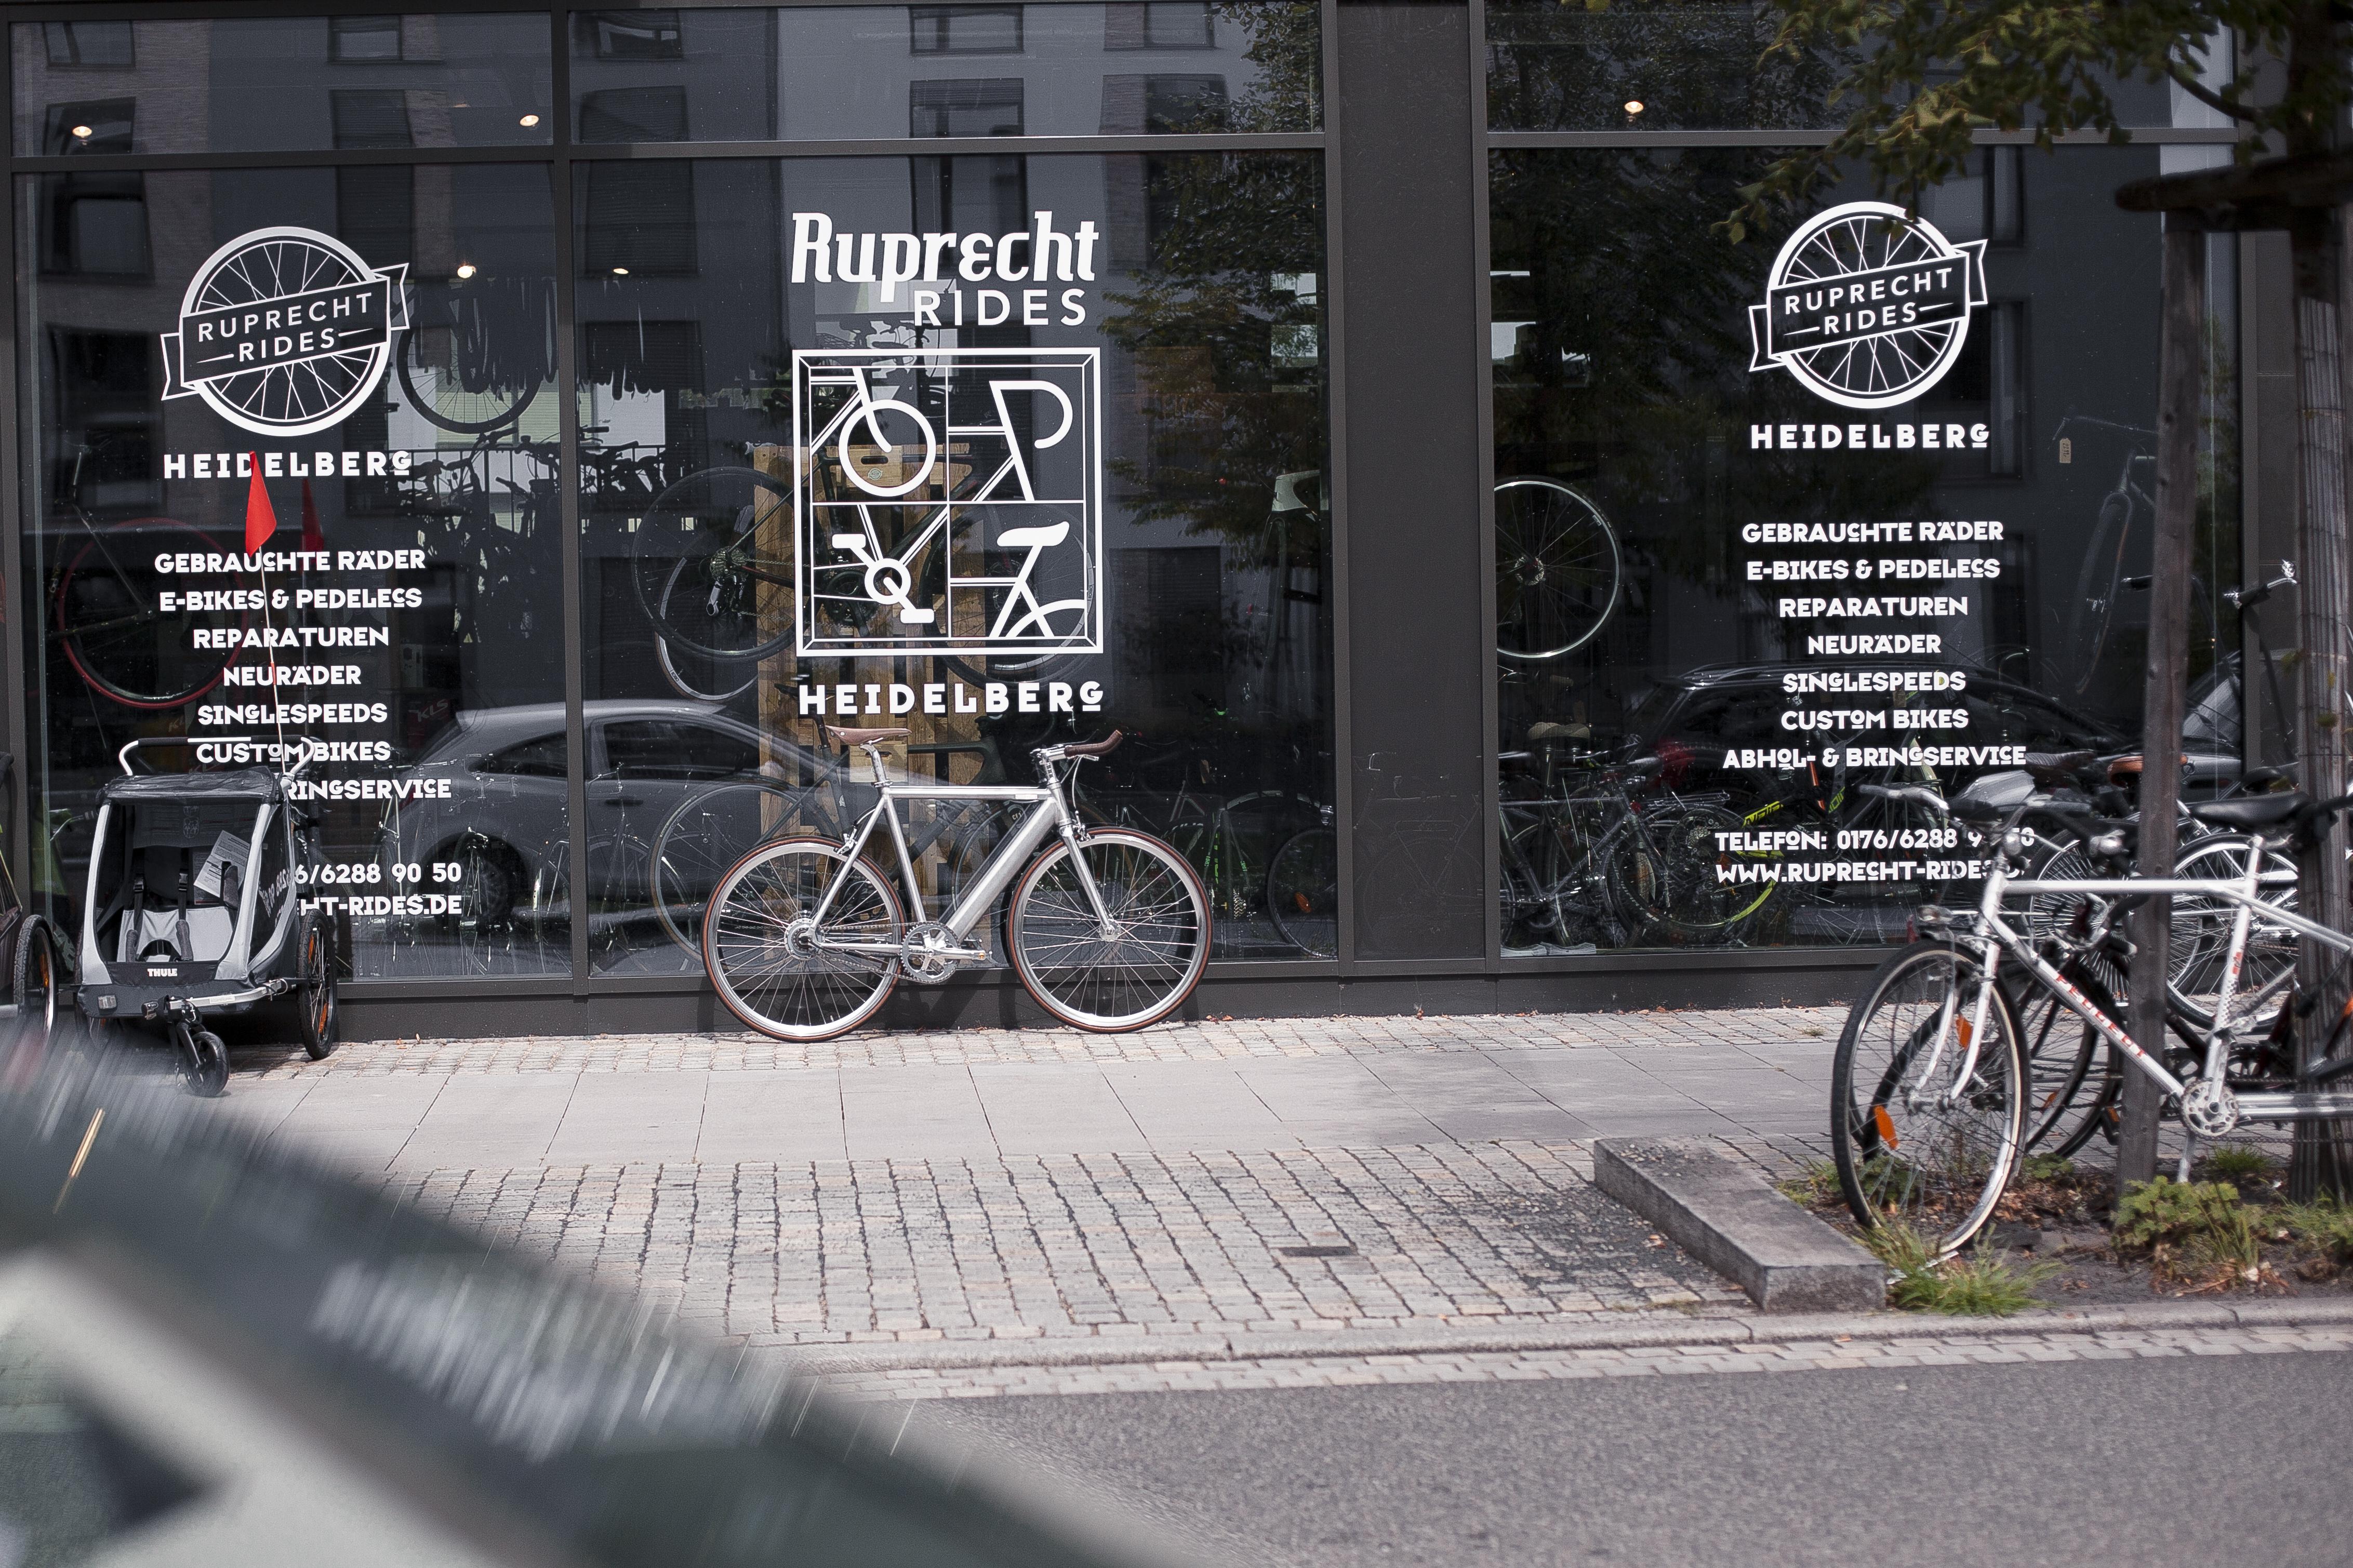 2018-08-20_Coboc_Ruprecht_Rides-01